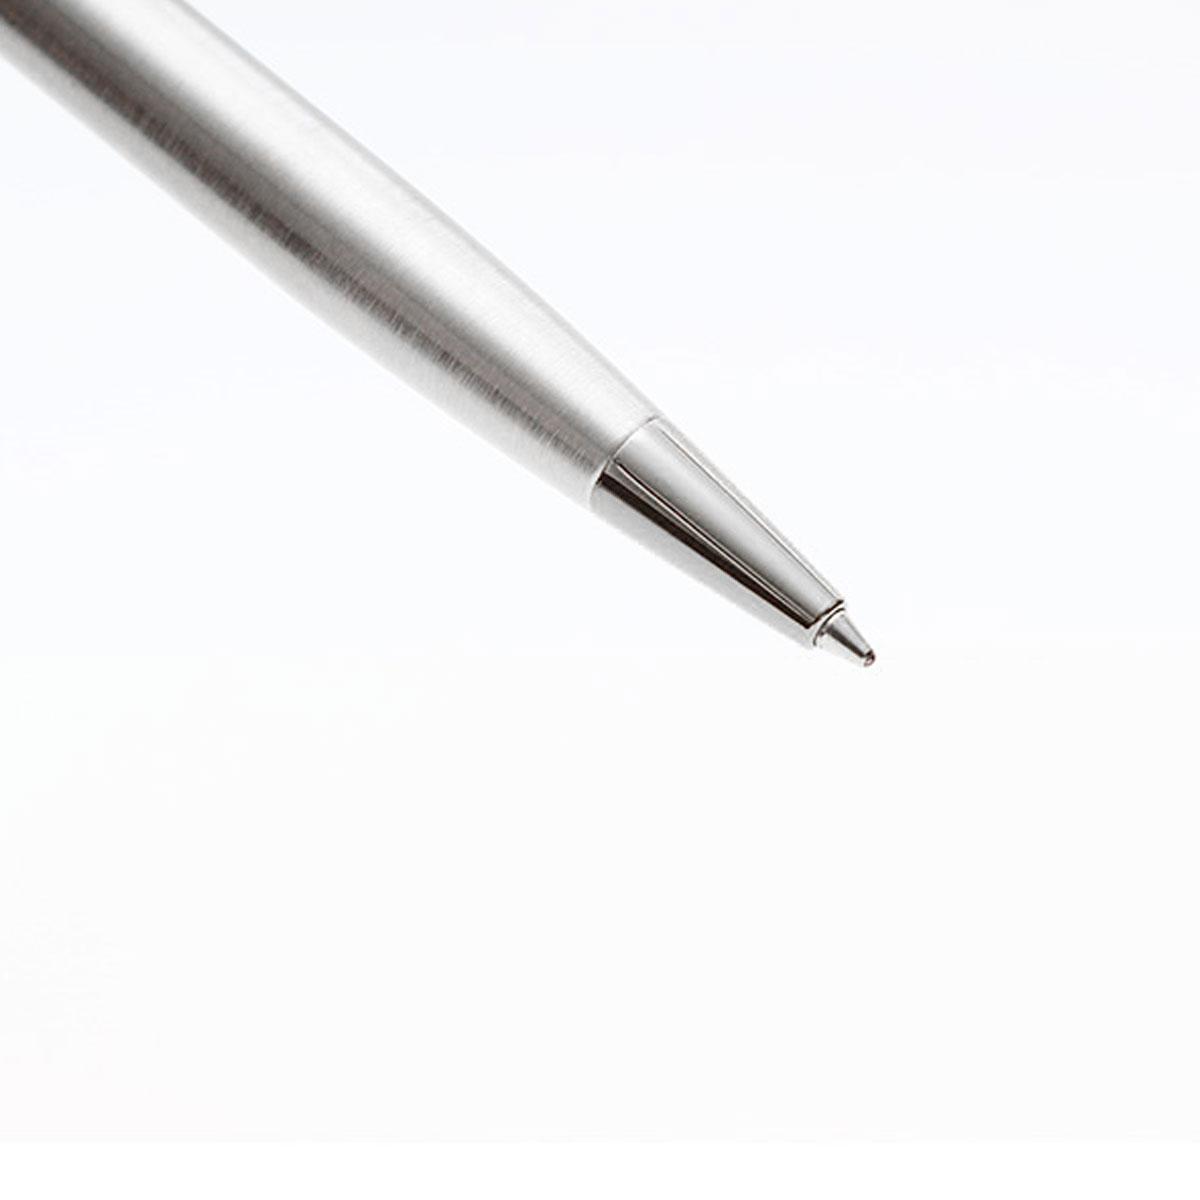 パーカー ソネット ボールペン